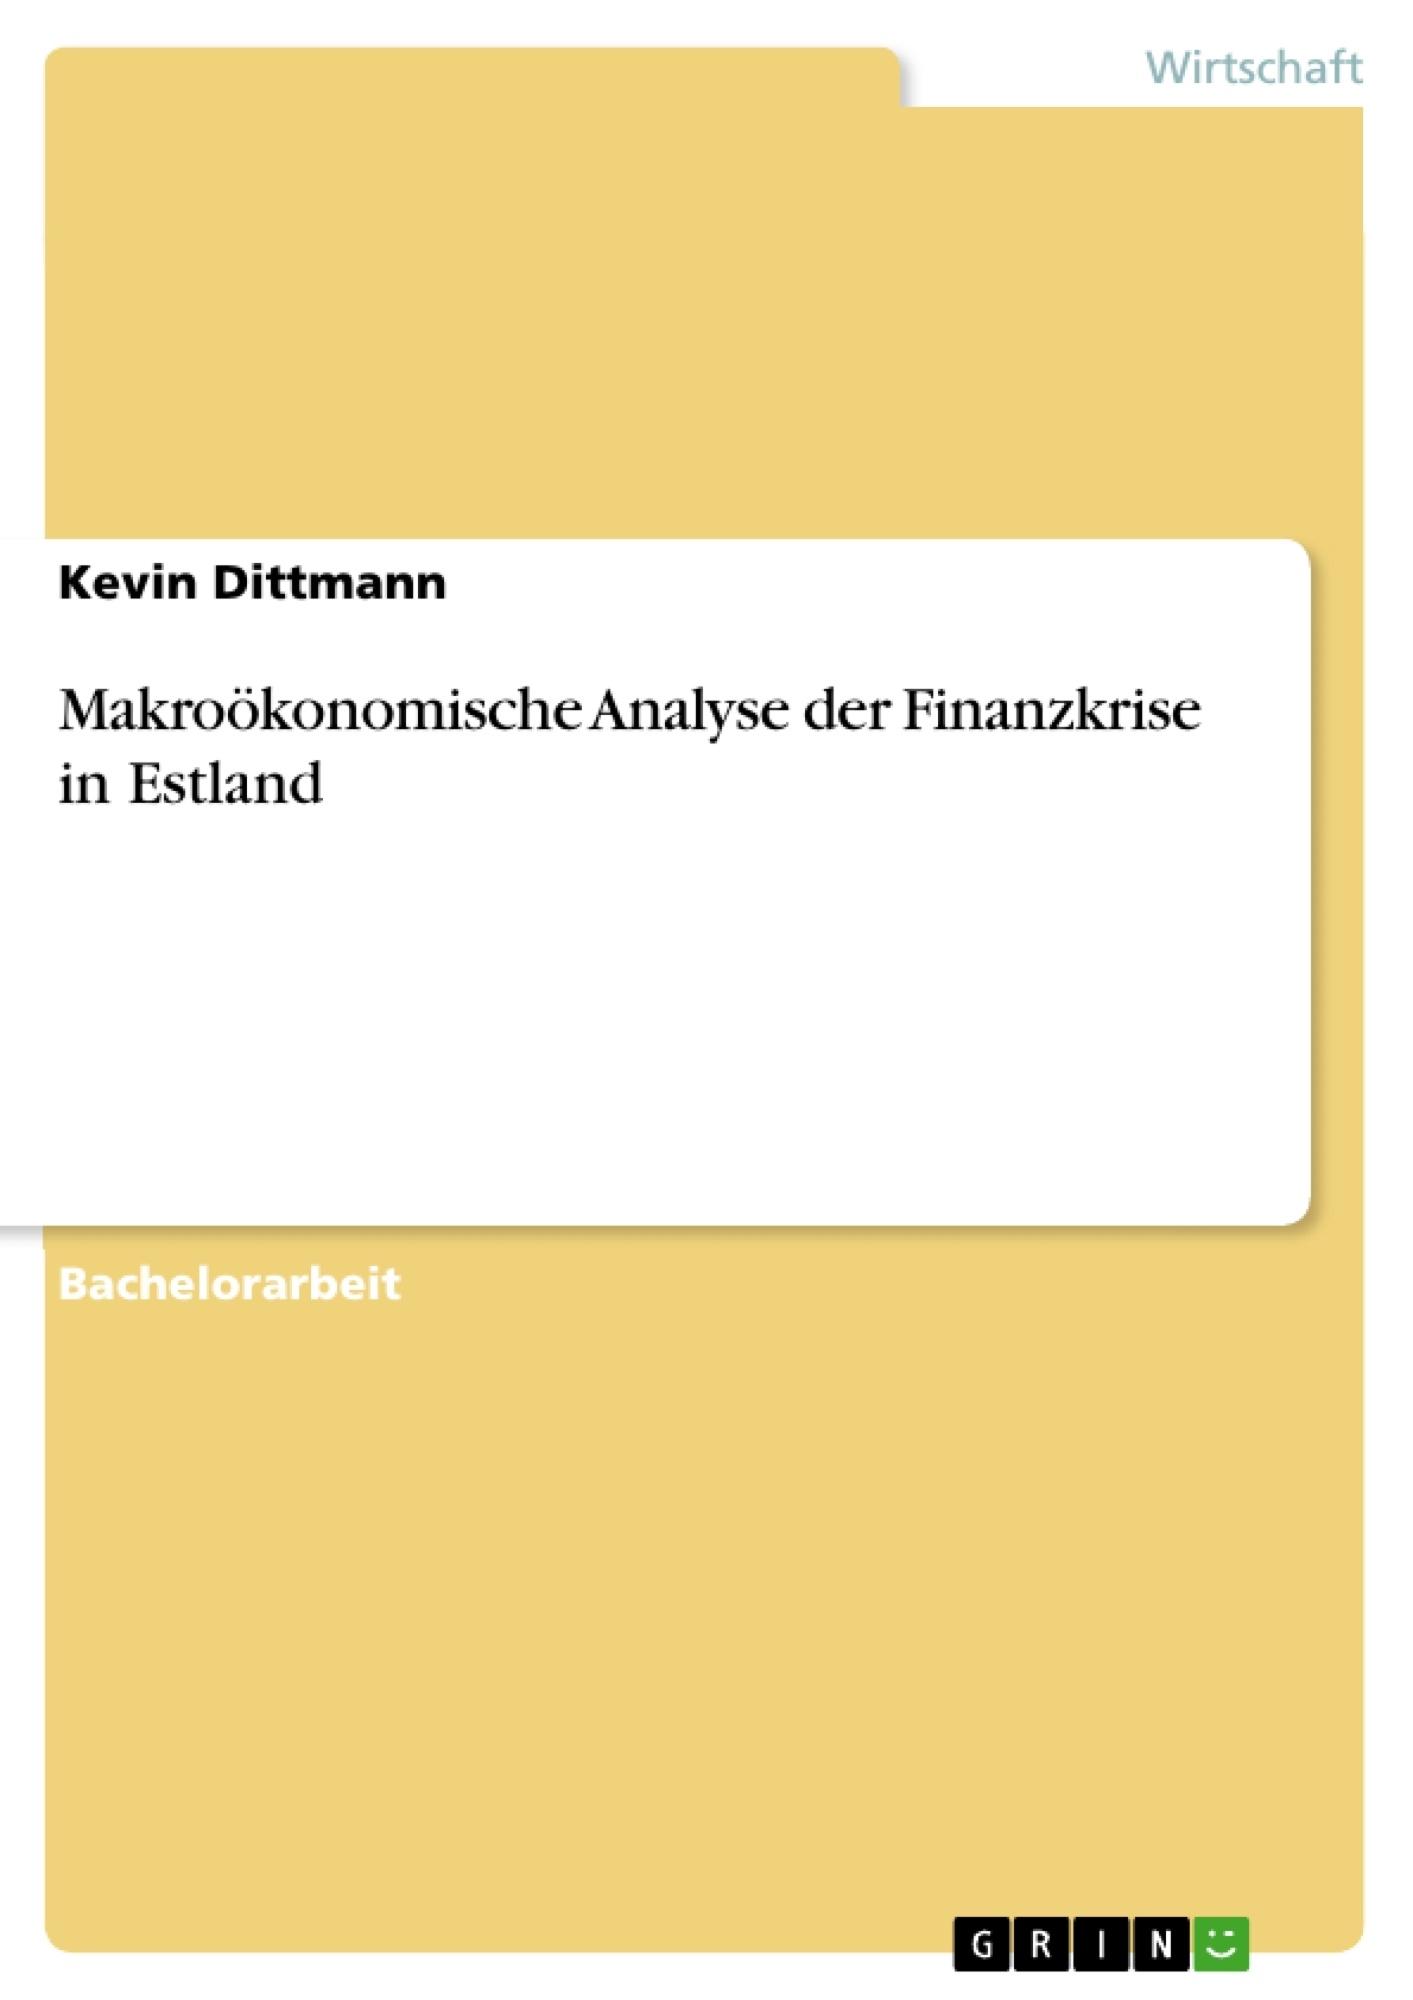 Titel: Makroökonomische Analyse der Finanzkrise in Estland